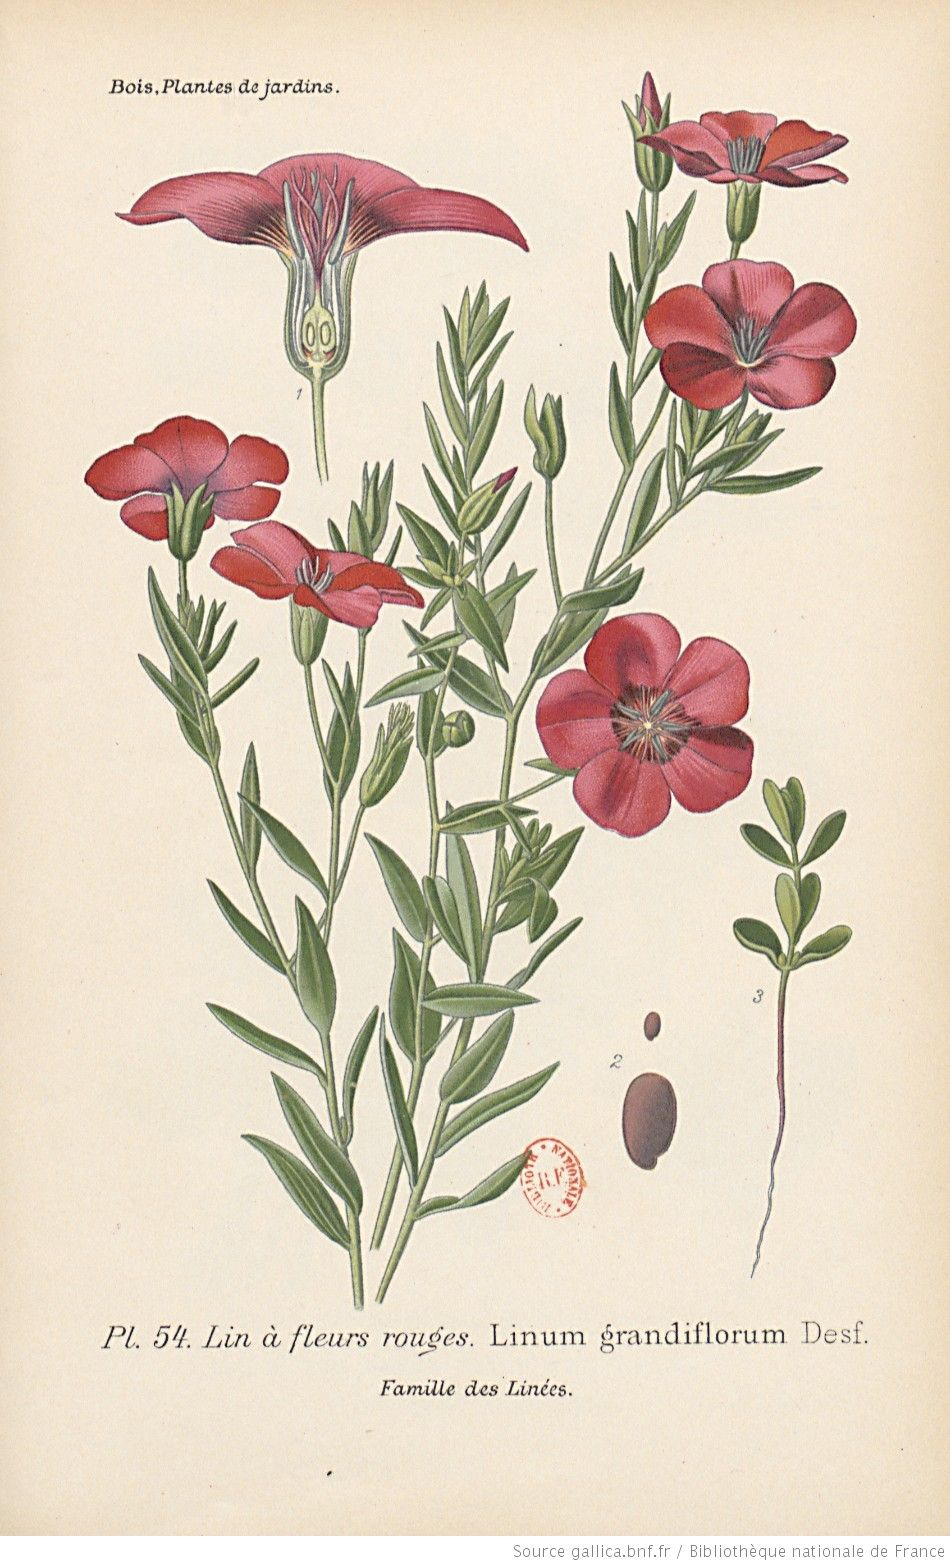 lin fleurs rouges atlas des plantes de jardins et d. Black Bedroom Furniture Sets. Home Design Ideas